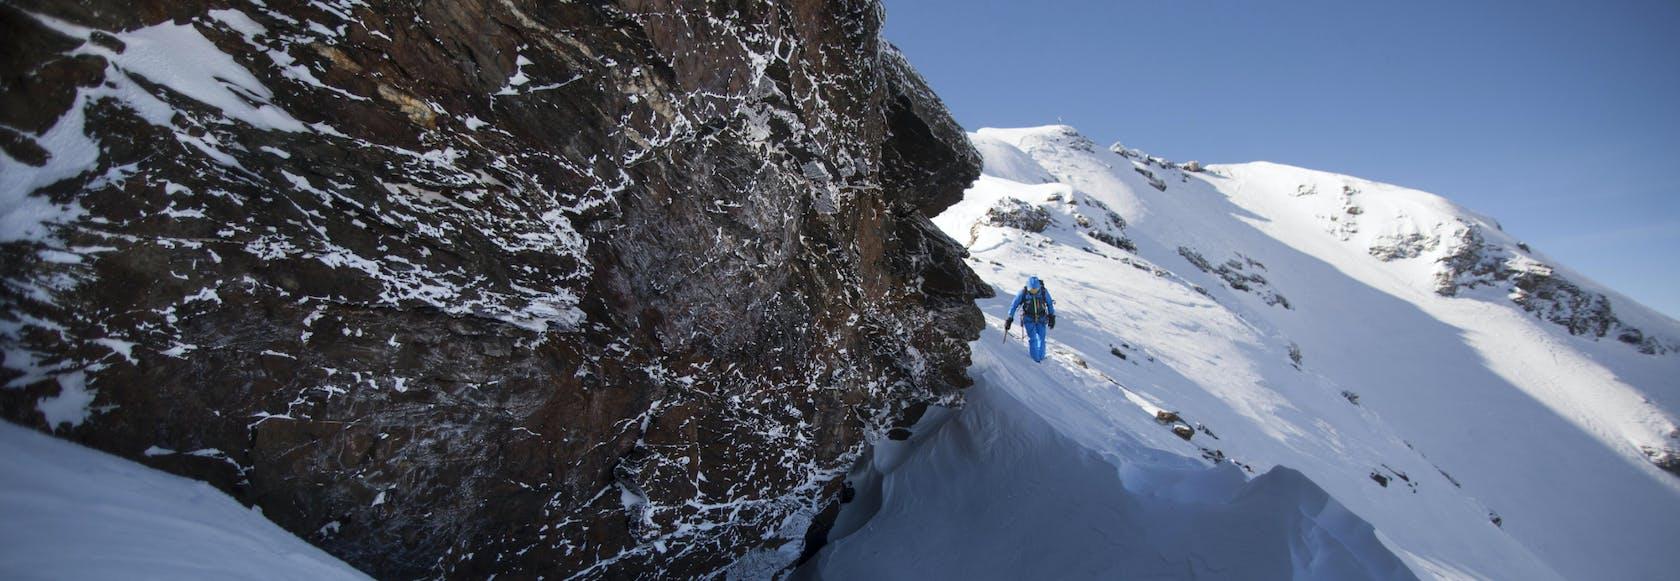 Karpos giacche scialpinismo